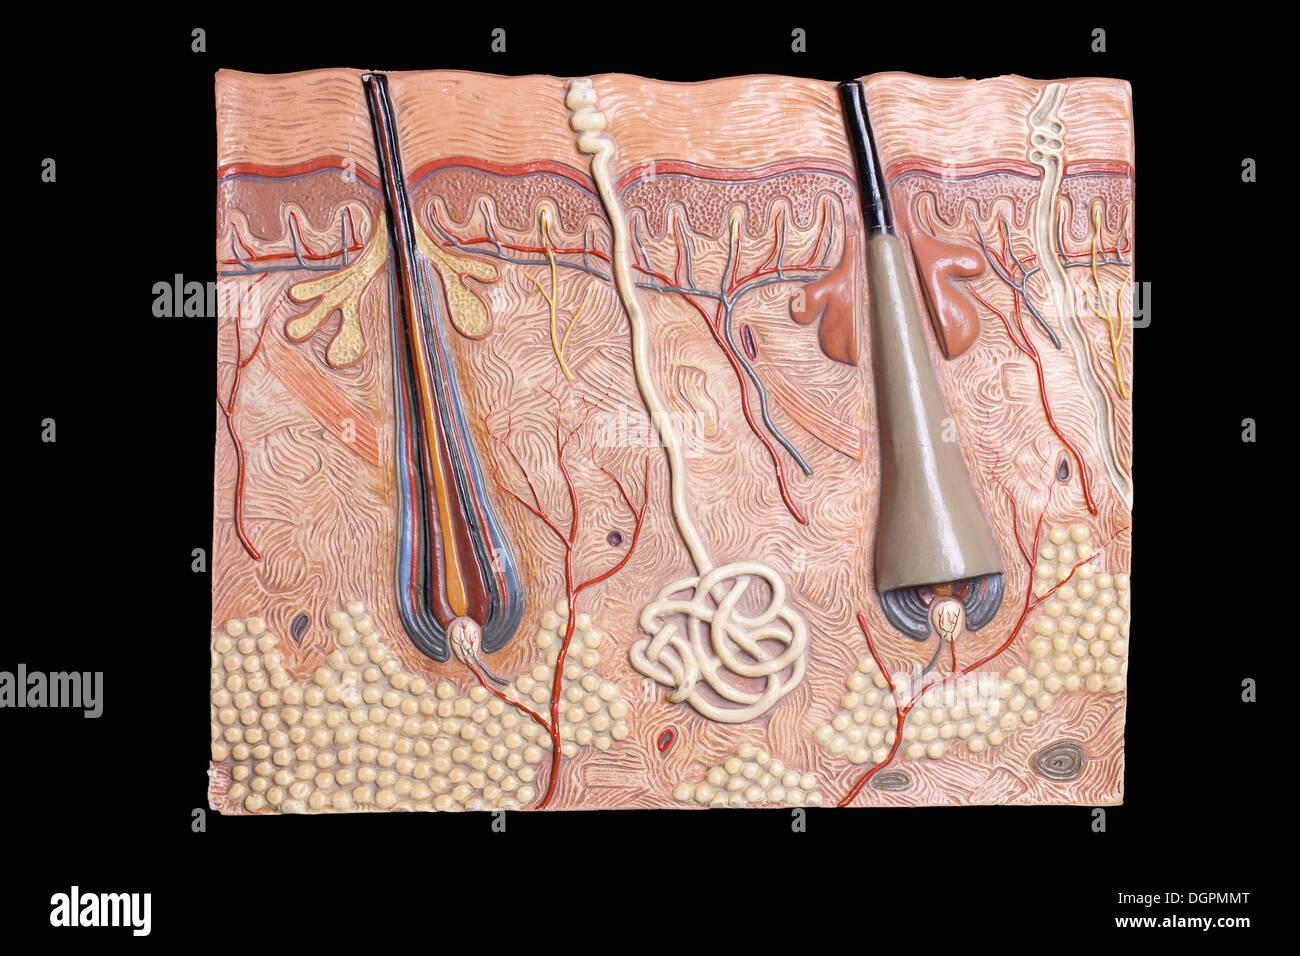 Modello anatomico della pelle umana Immagini Stock